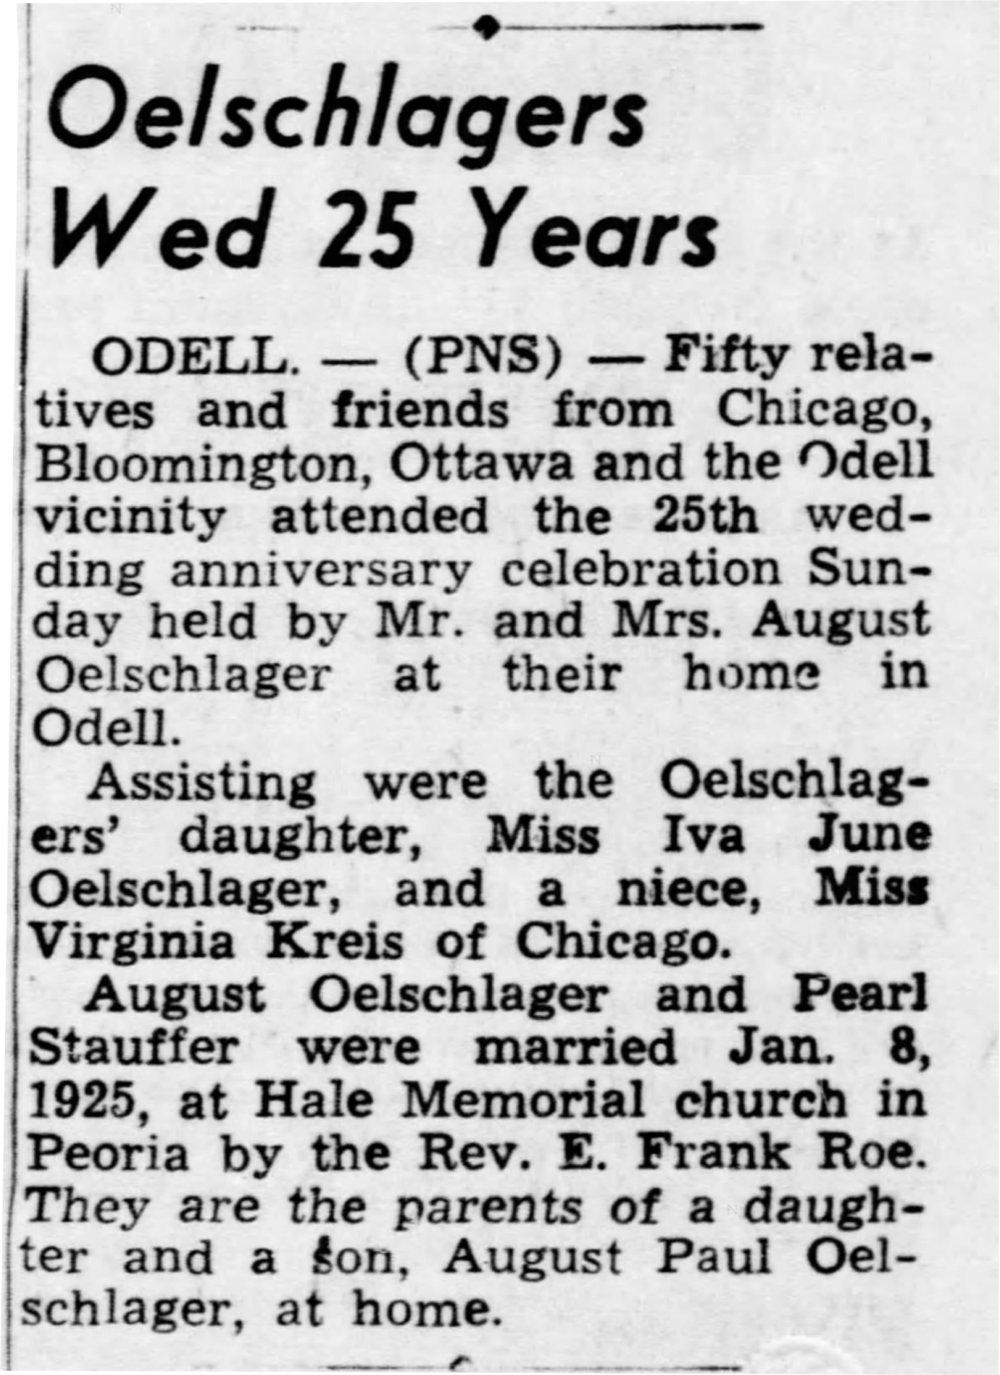 The Pantagraph (Bloomington, Illinois) Jan 14, 1950